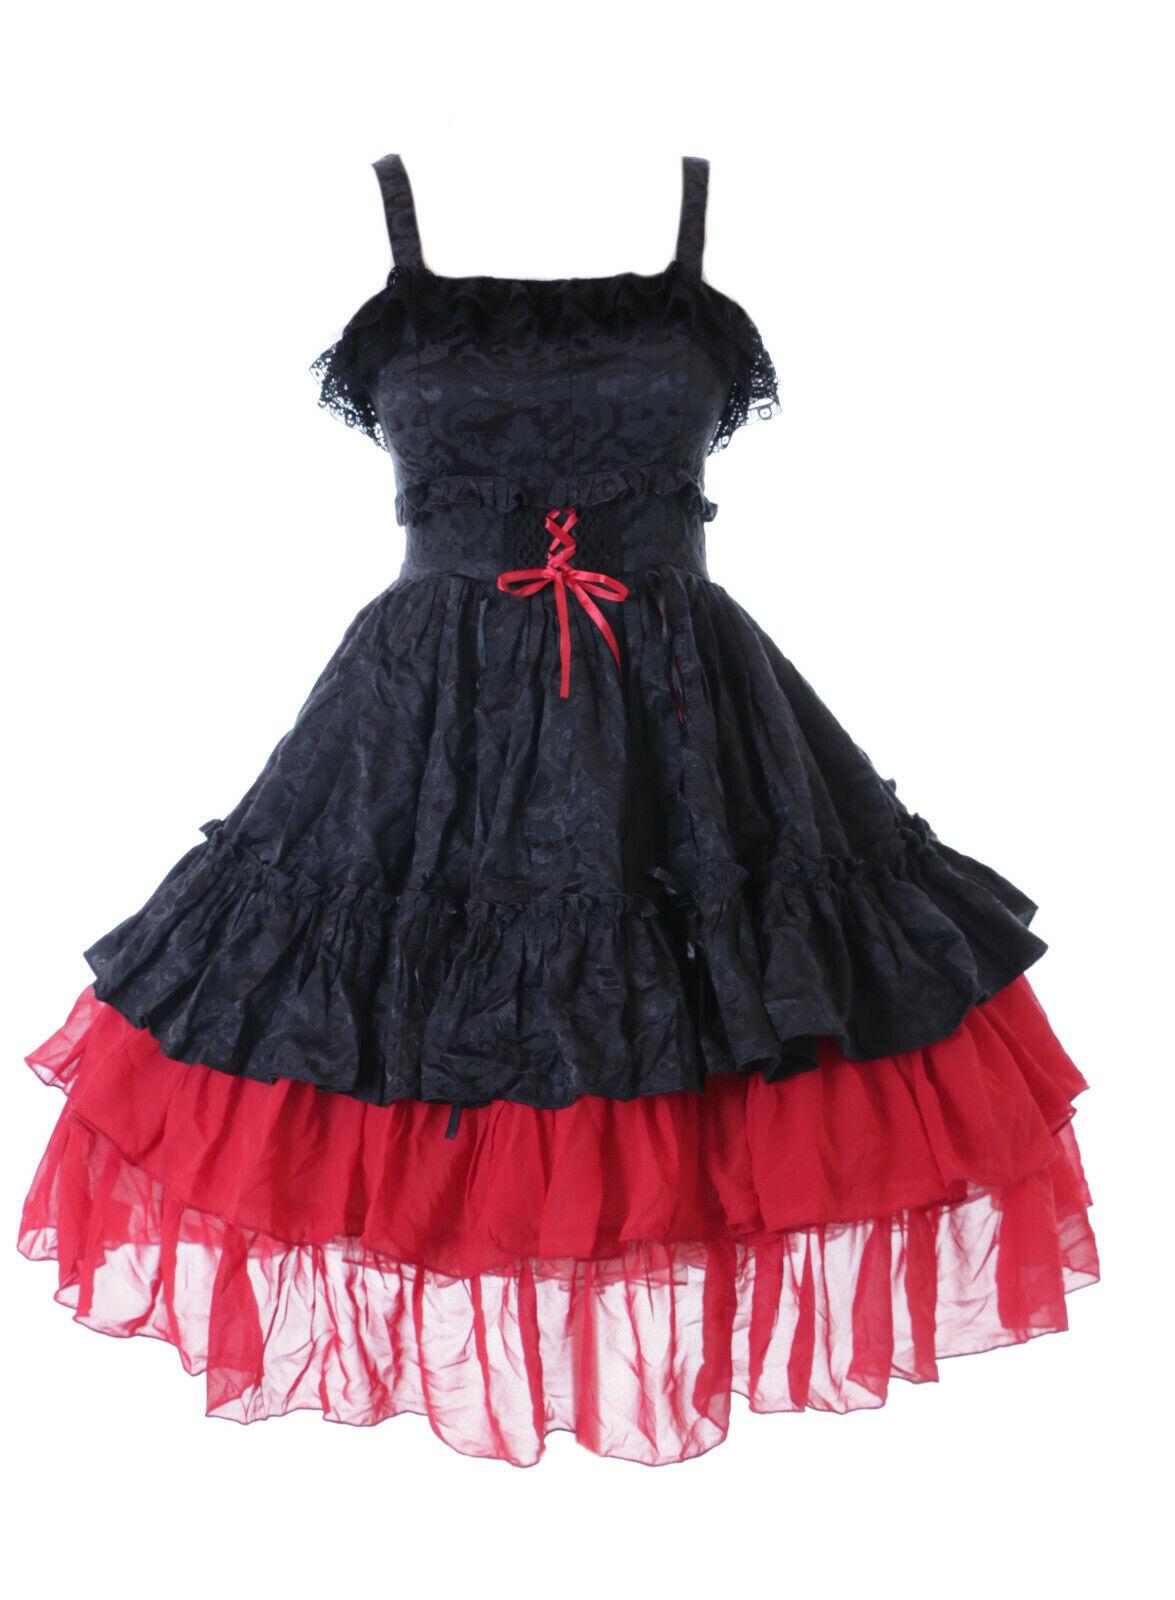 JL-685 Rouge Noir à Volants Robe Mousseline Gothique Lolita Costume Cosplay Fête